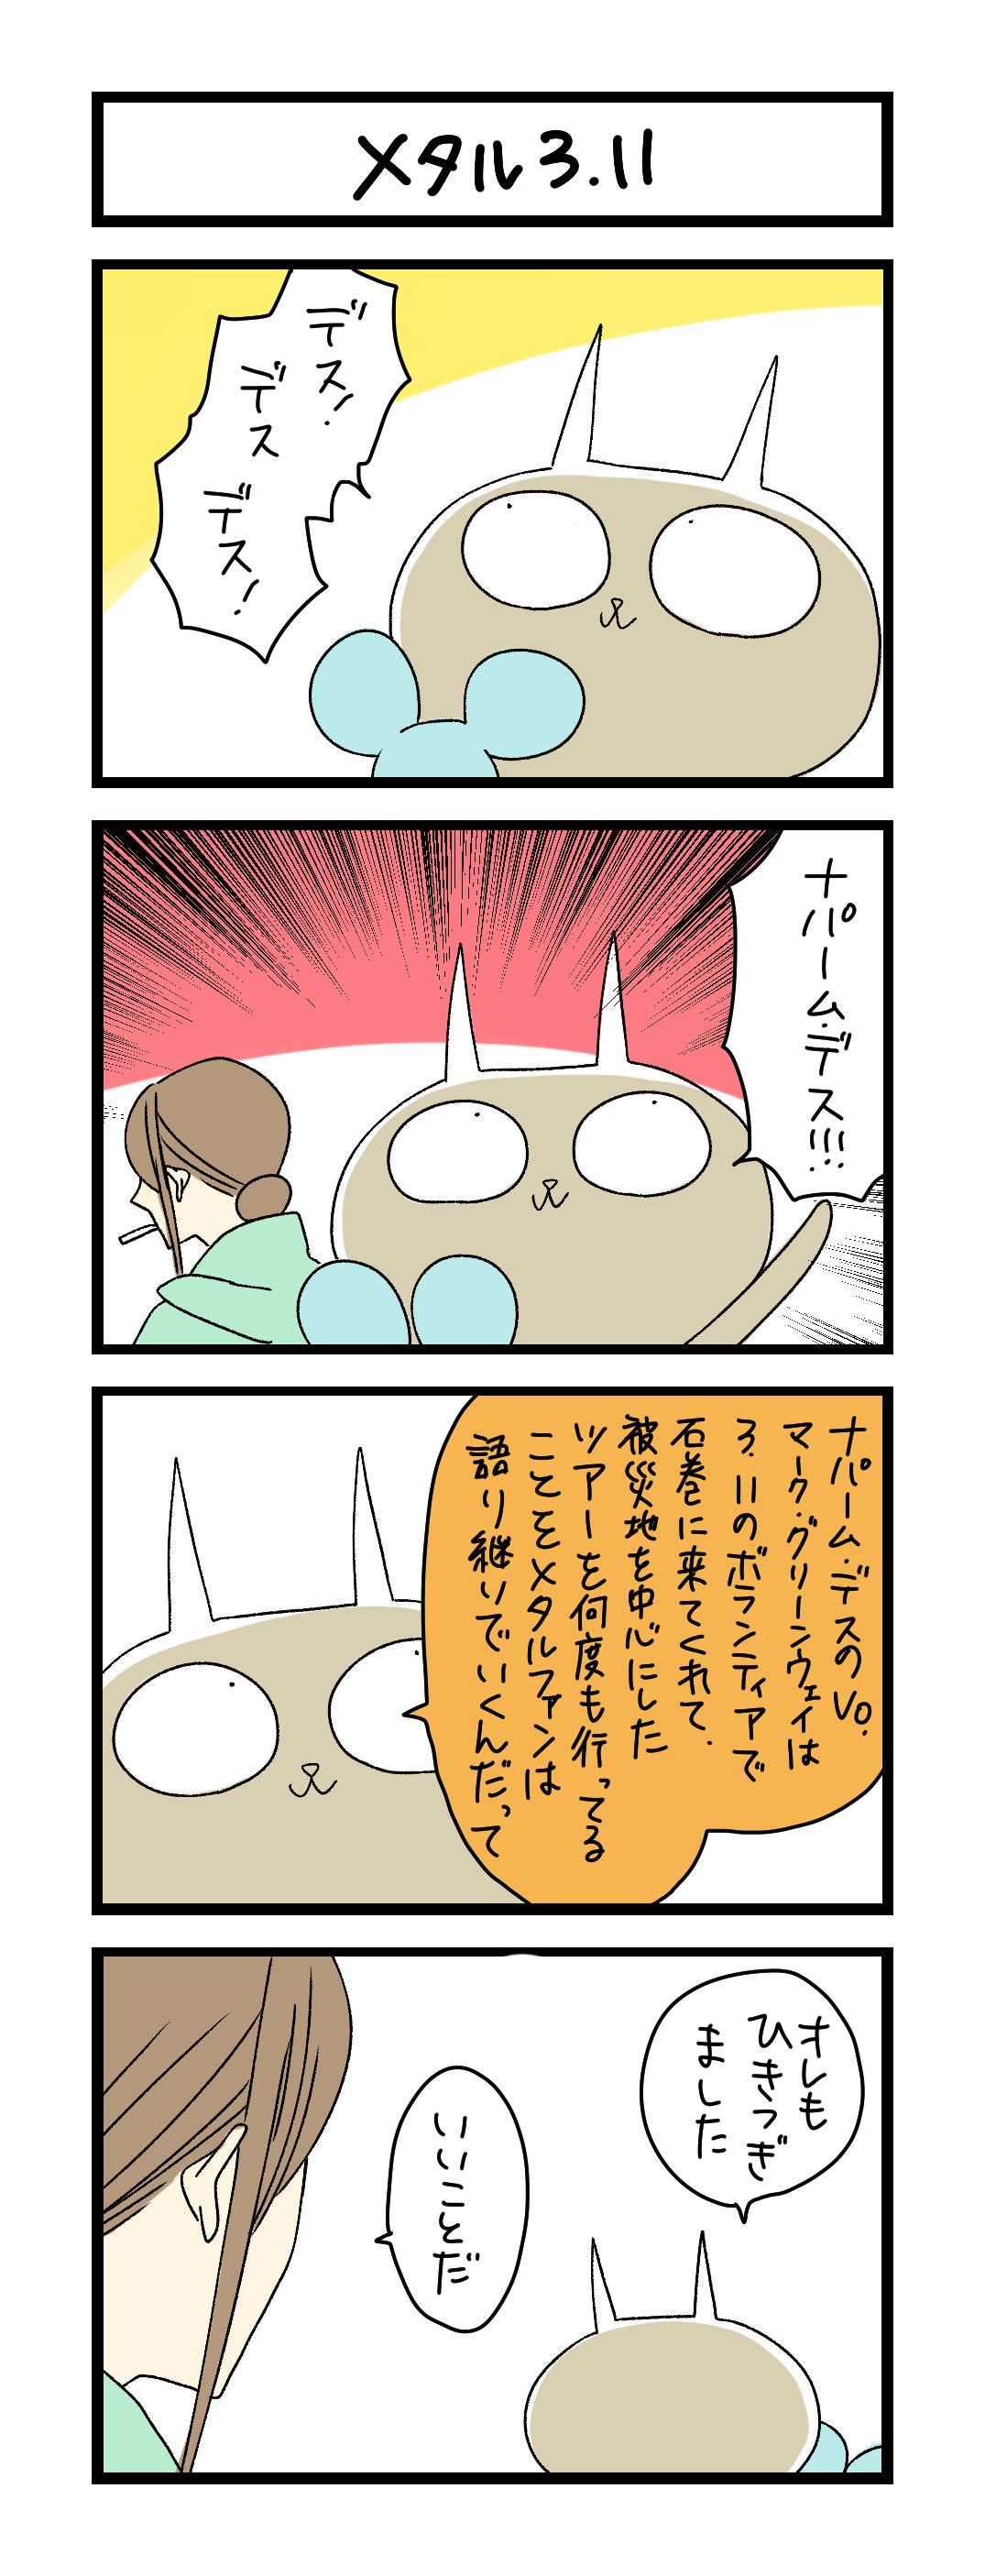 メタル 3.11